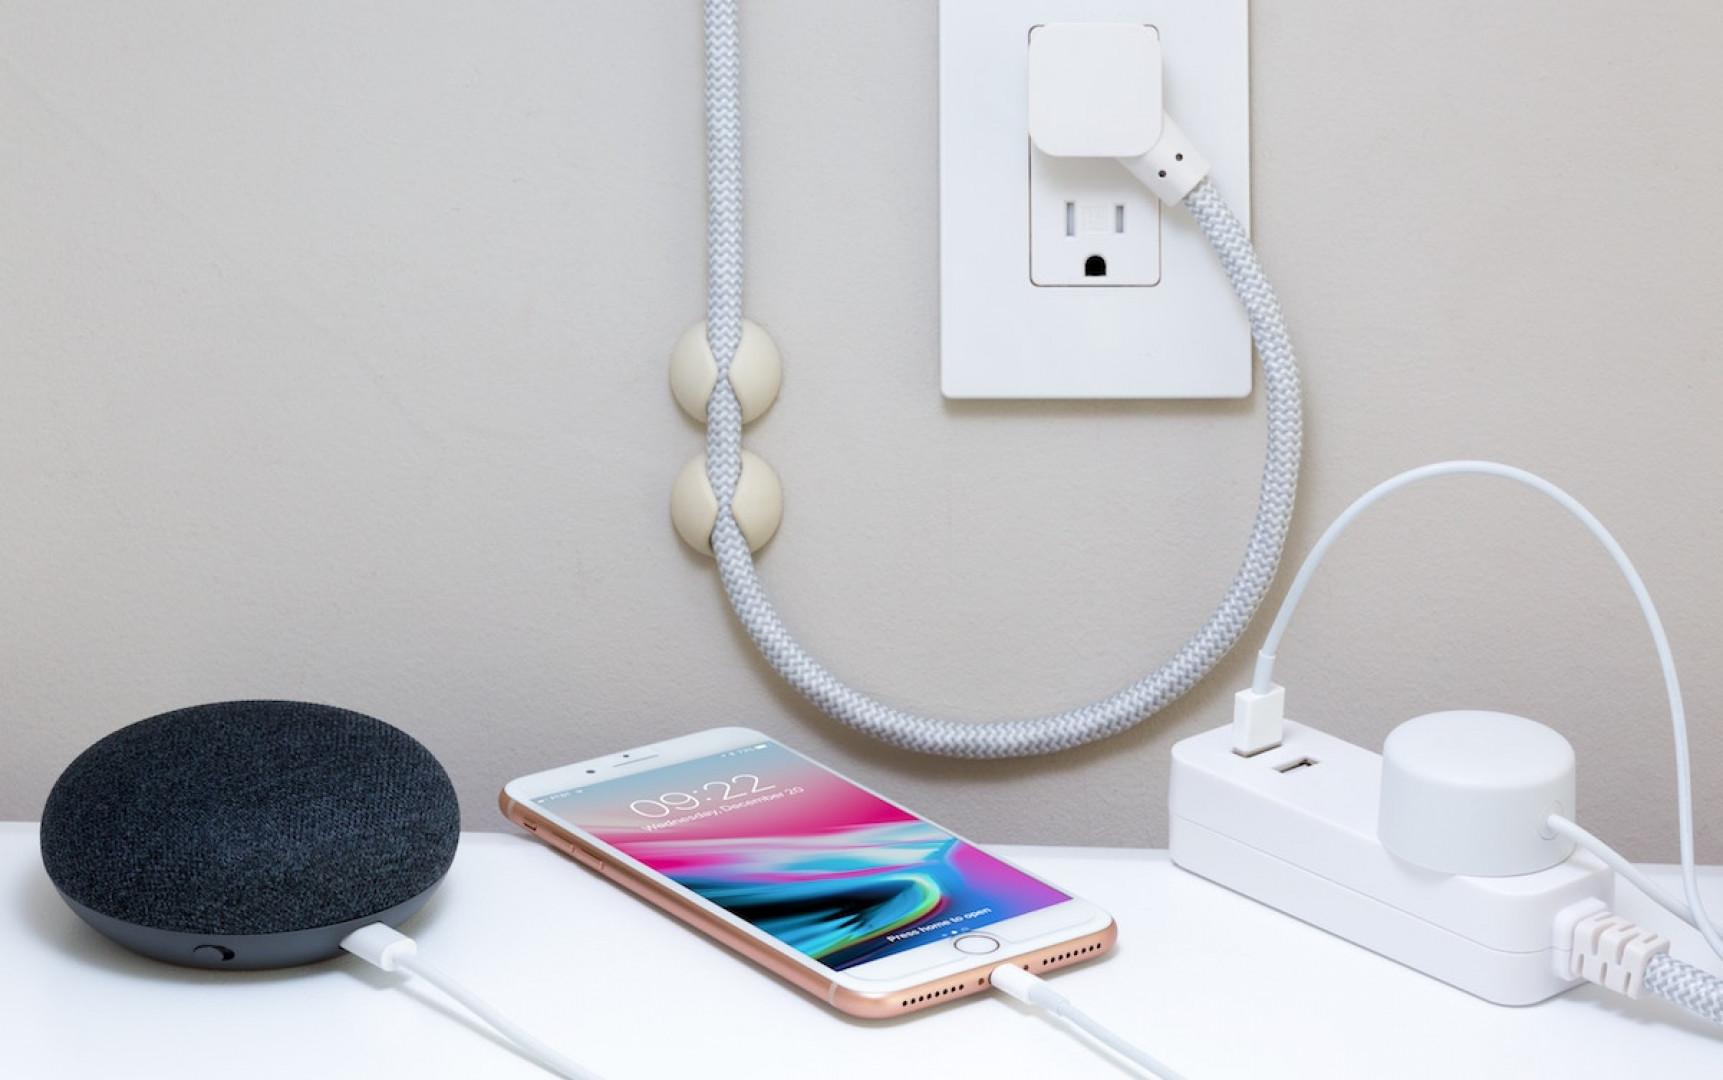 Inteligentne technologie coraz częściej pojawiają się w naszych domach.